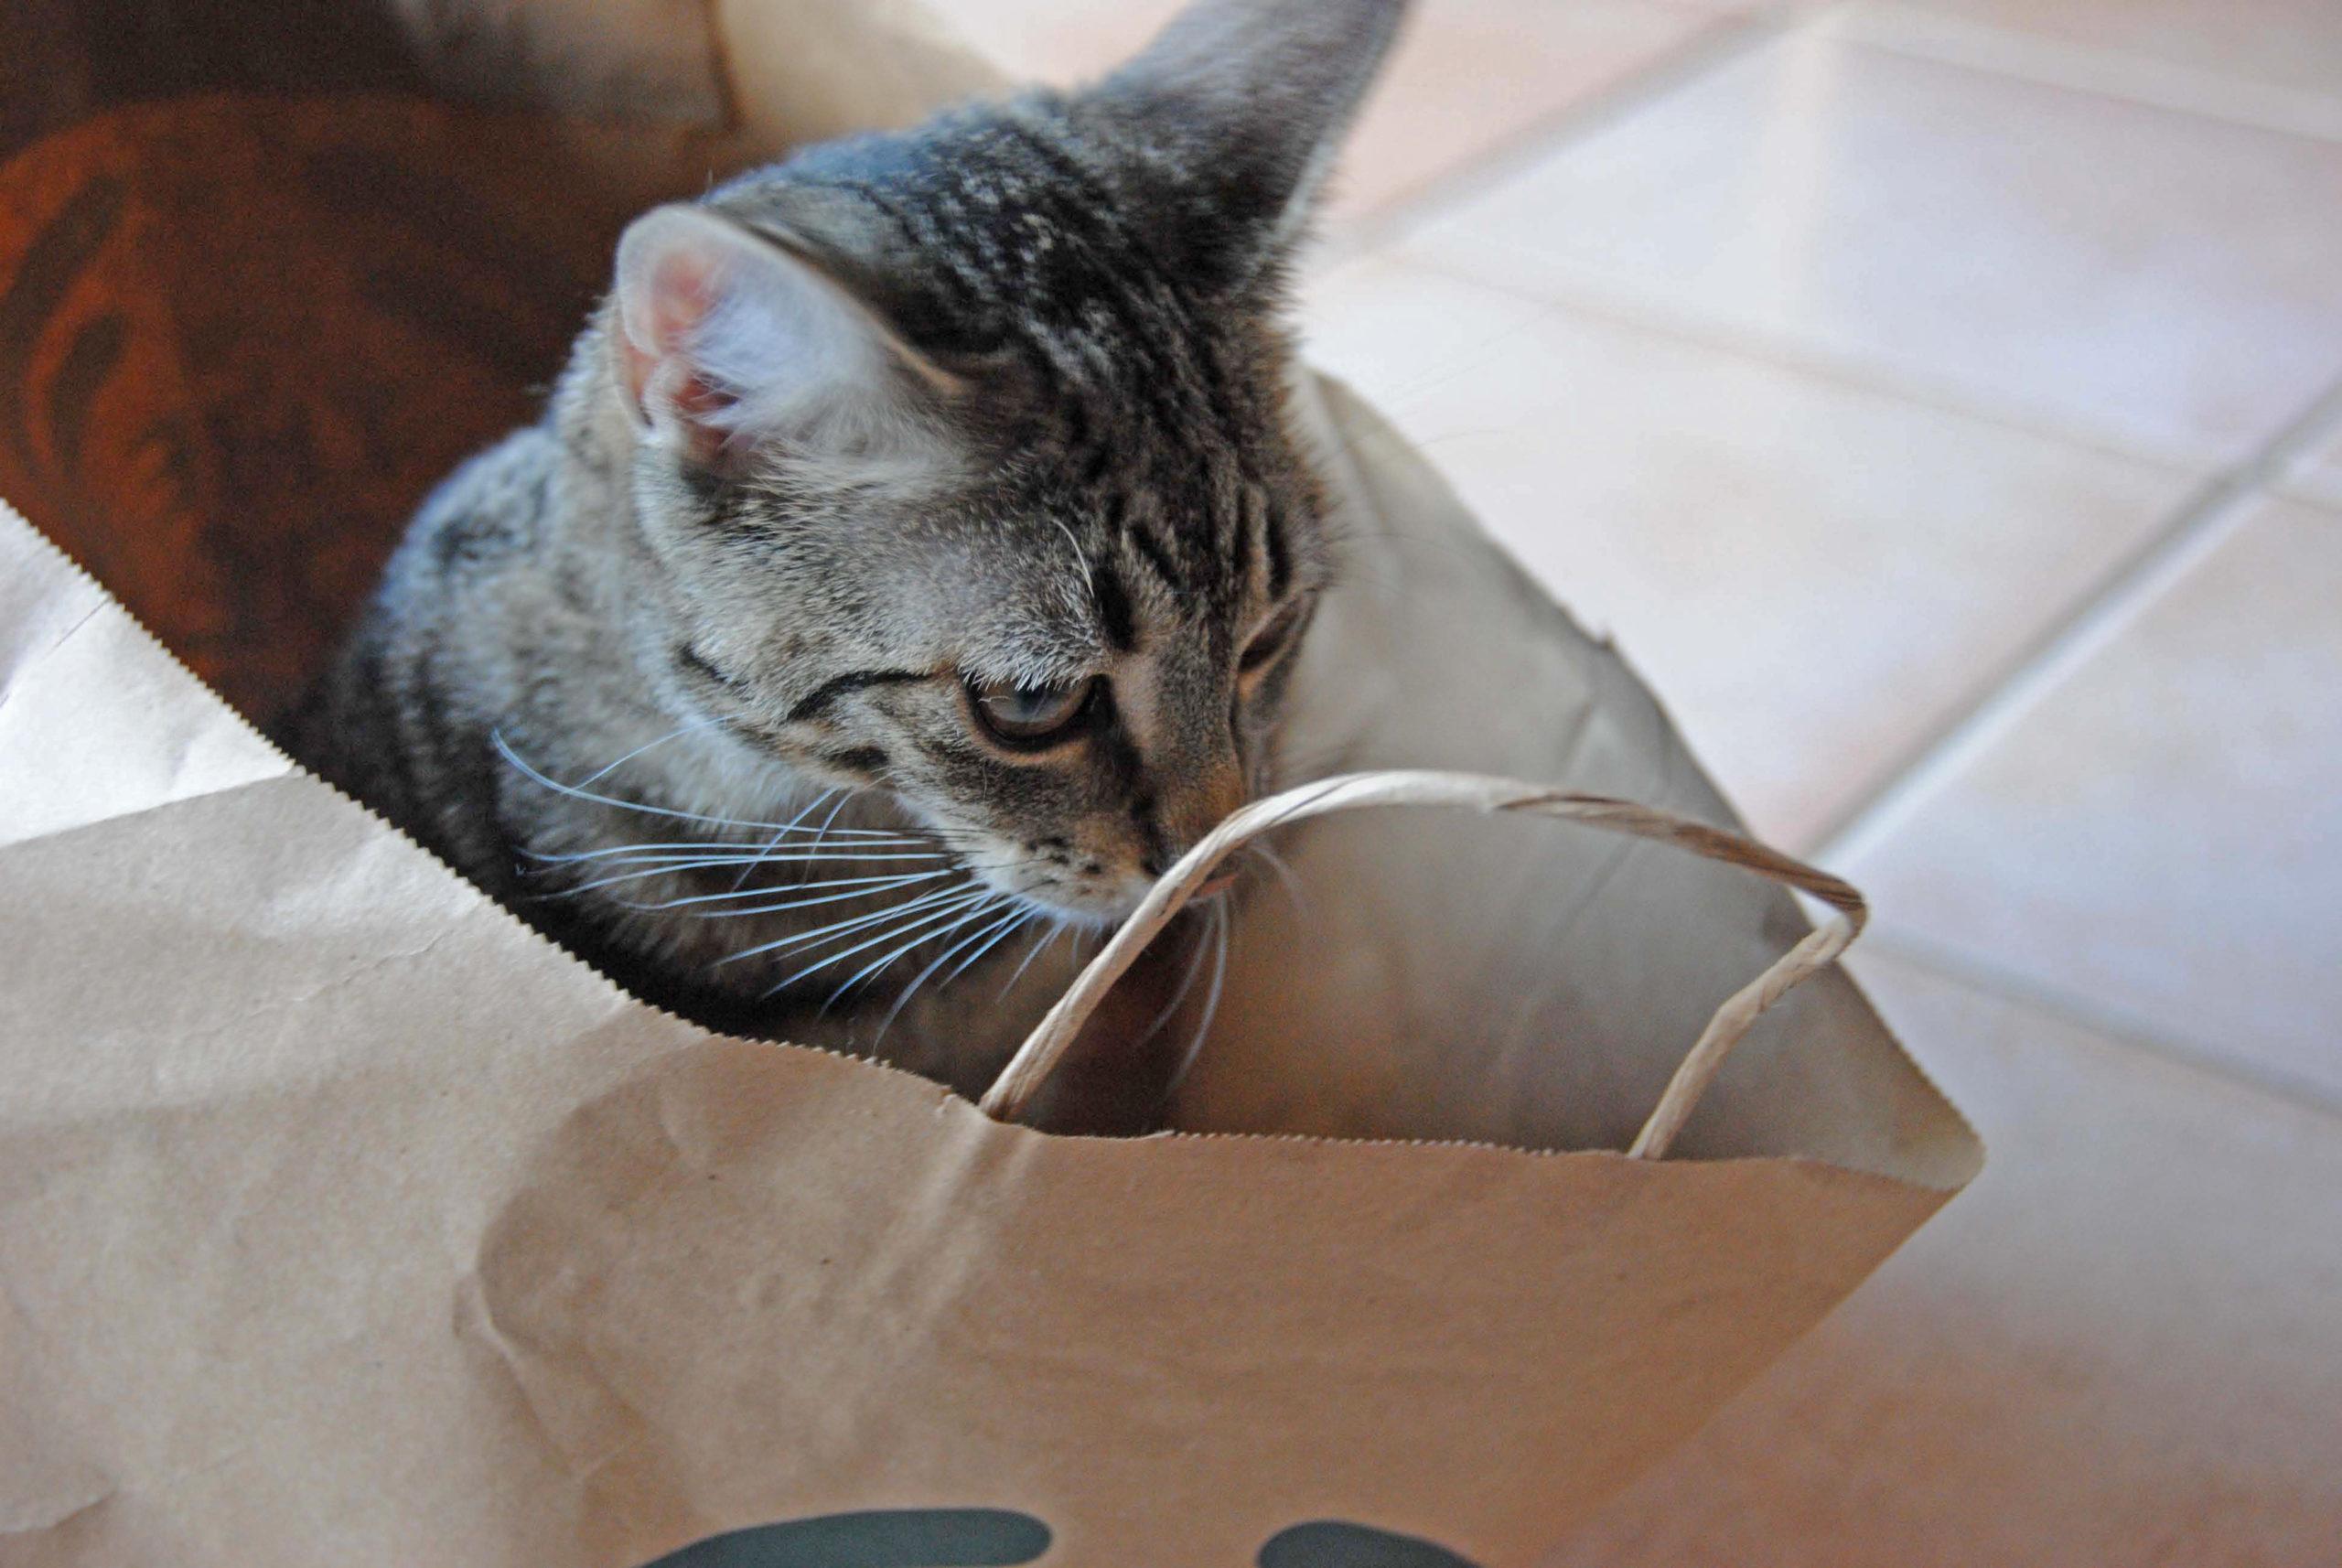 Behandlung von Kleintieren wie Hunde, Katzen, Kaninchen, andere Heimtiere